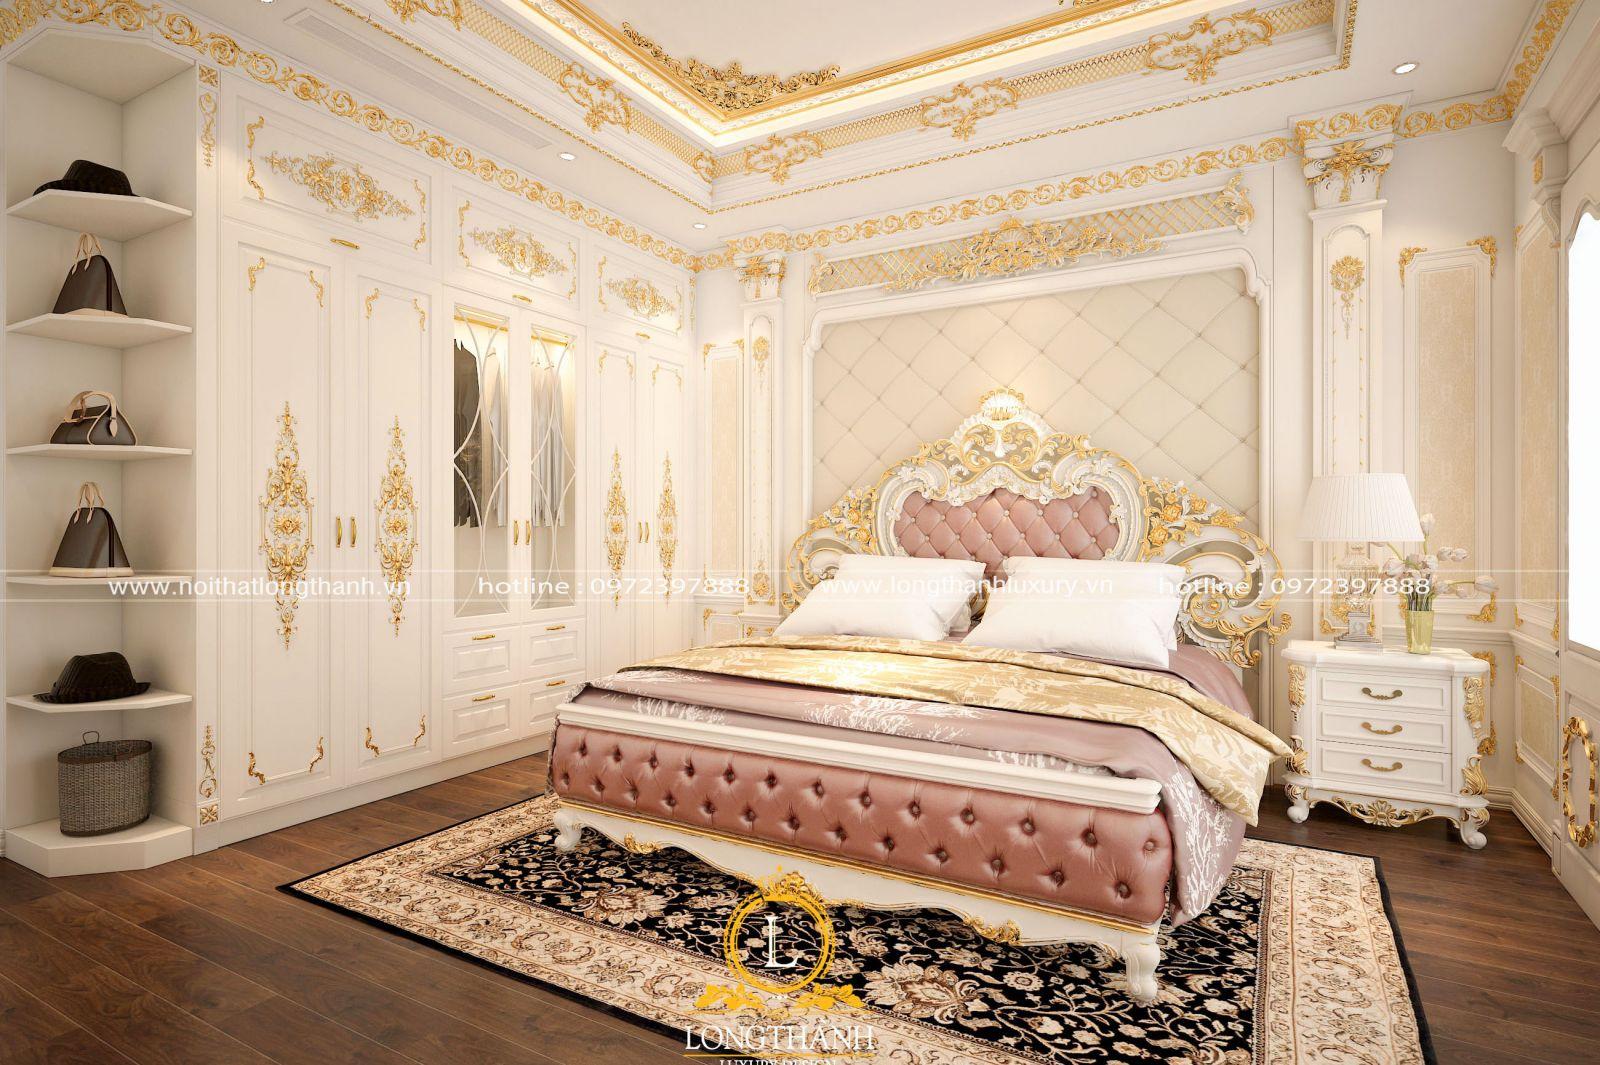 Tab đầu giường đồng bộ màu sắc cùng phòng ngủ tân cổ điển dát vàng